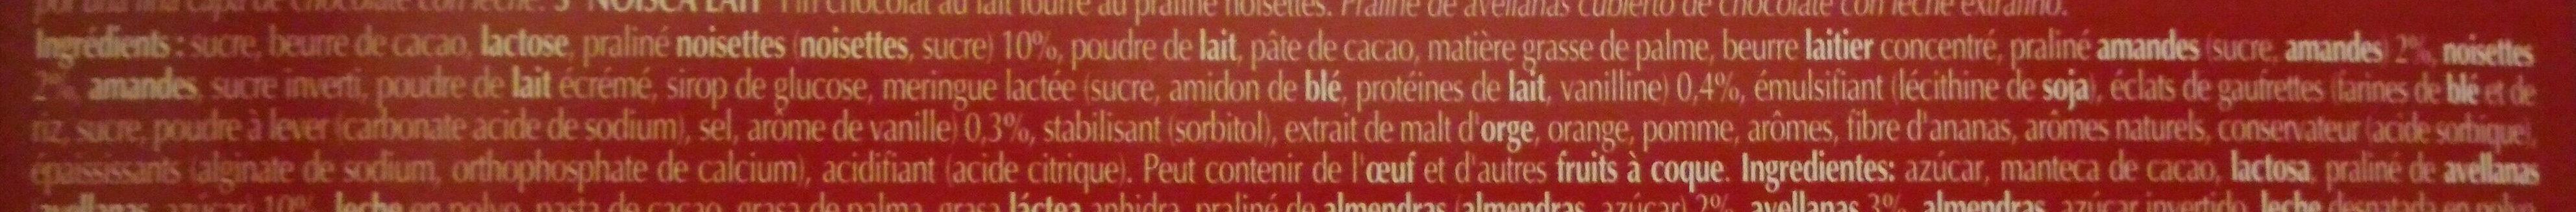 Champs Élysées Lait - Ingredients